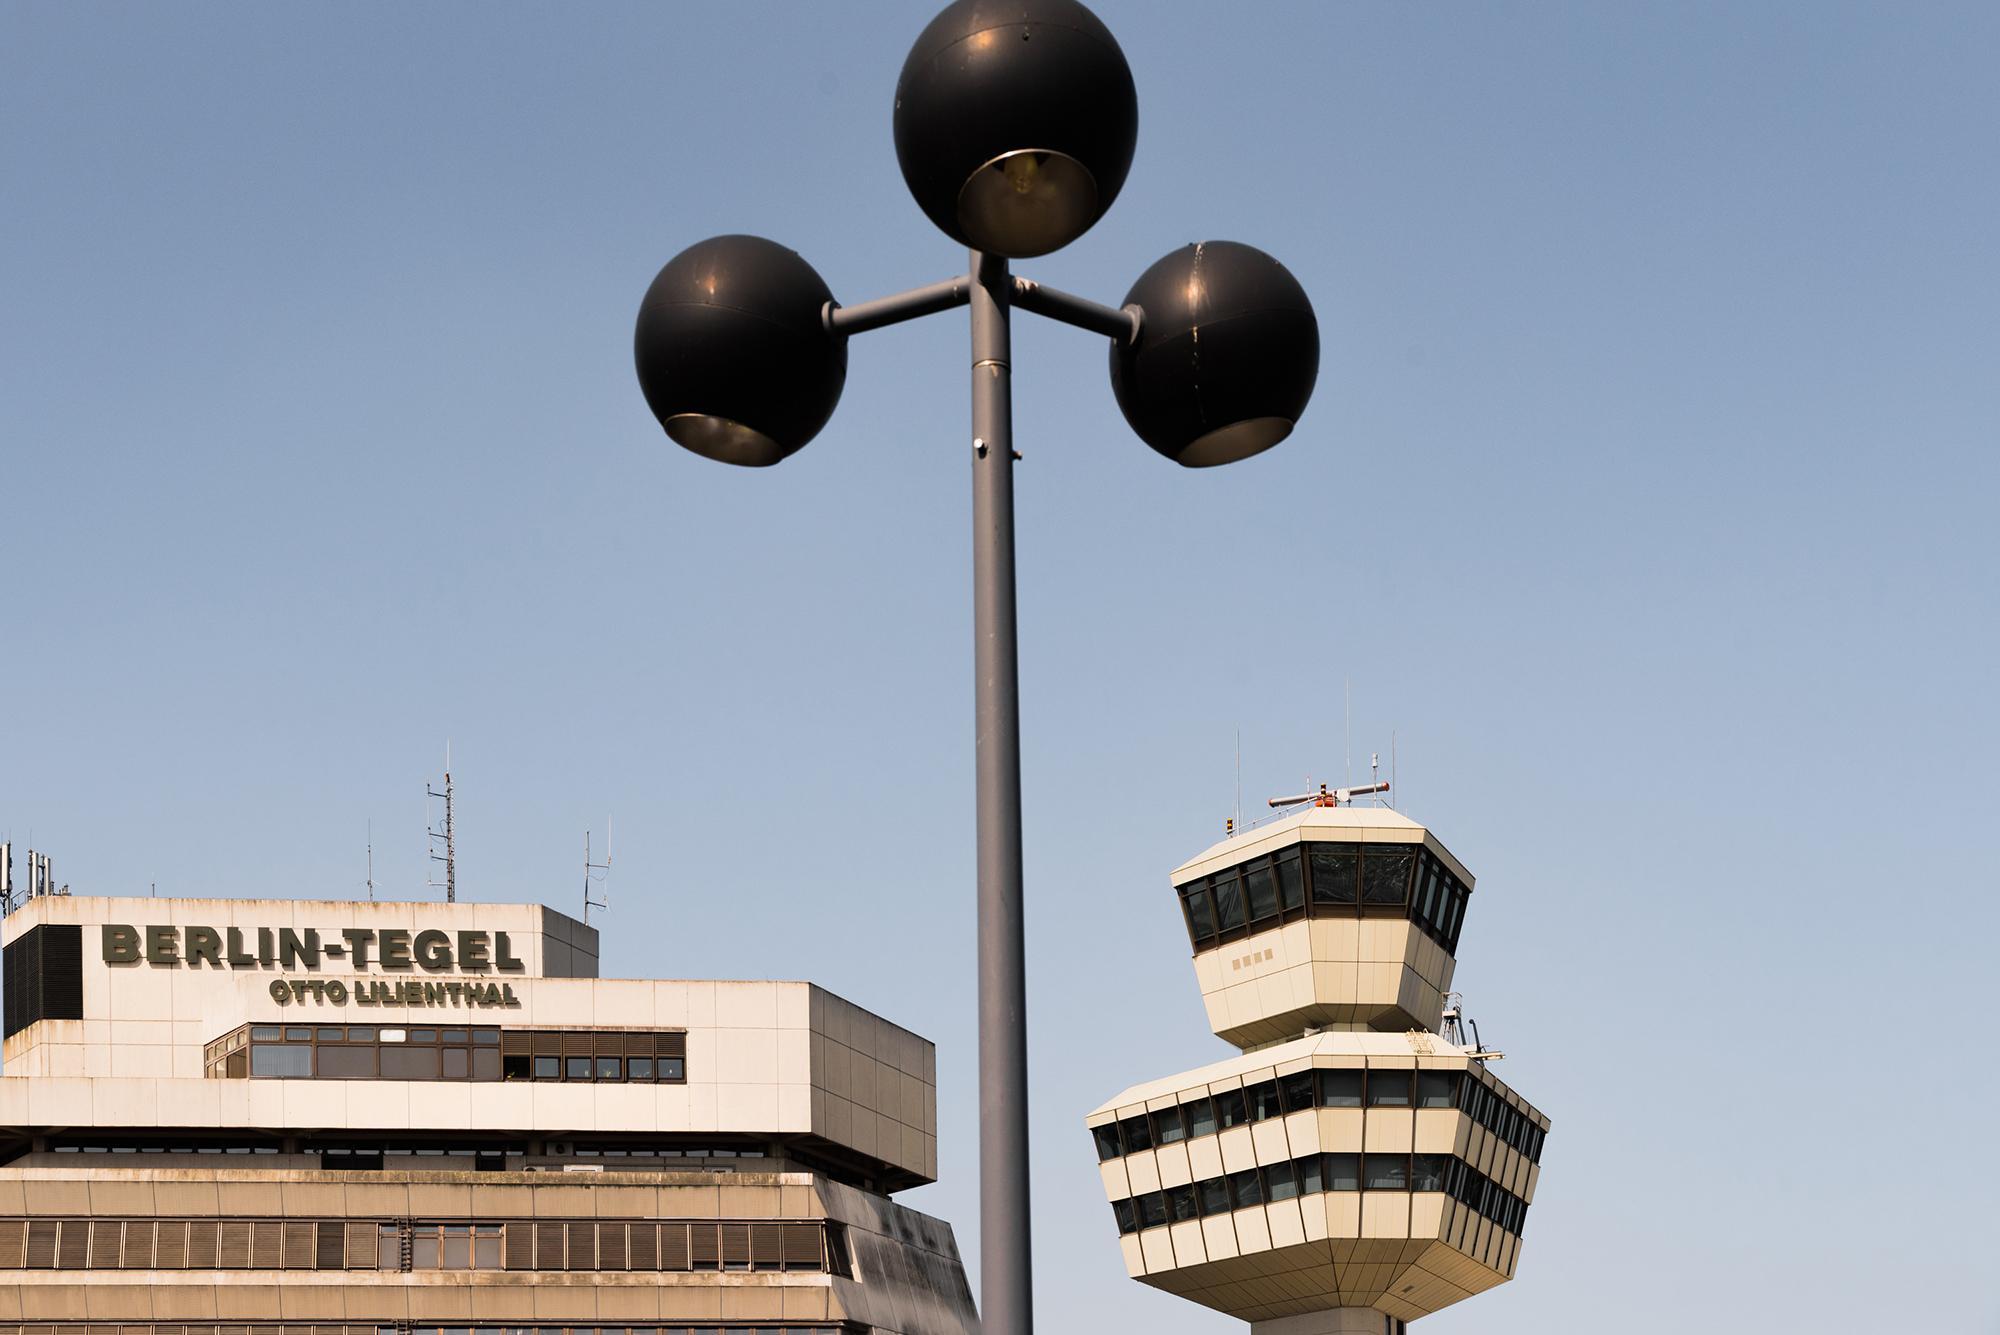 Volksbegehren Flughafen Tegel